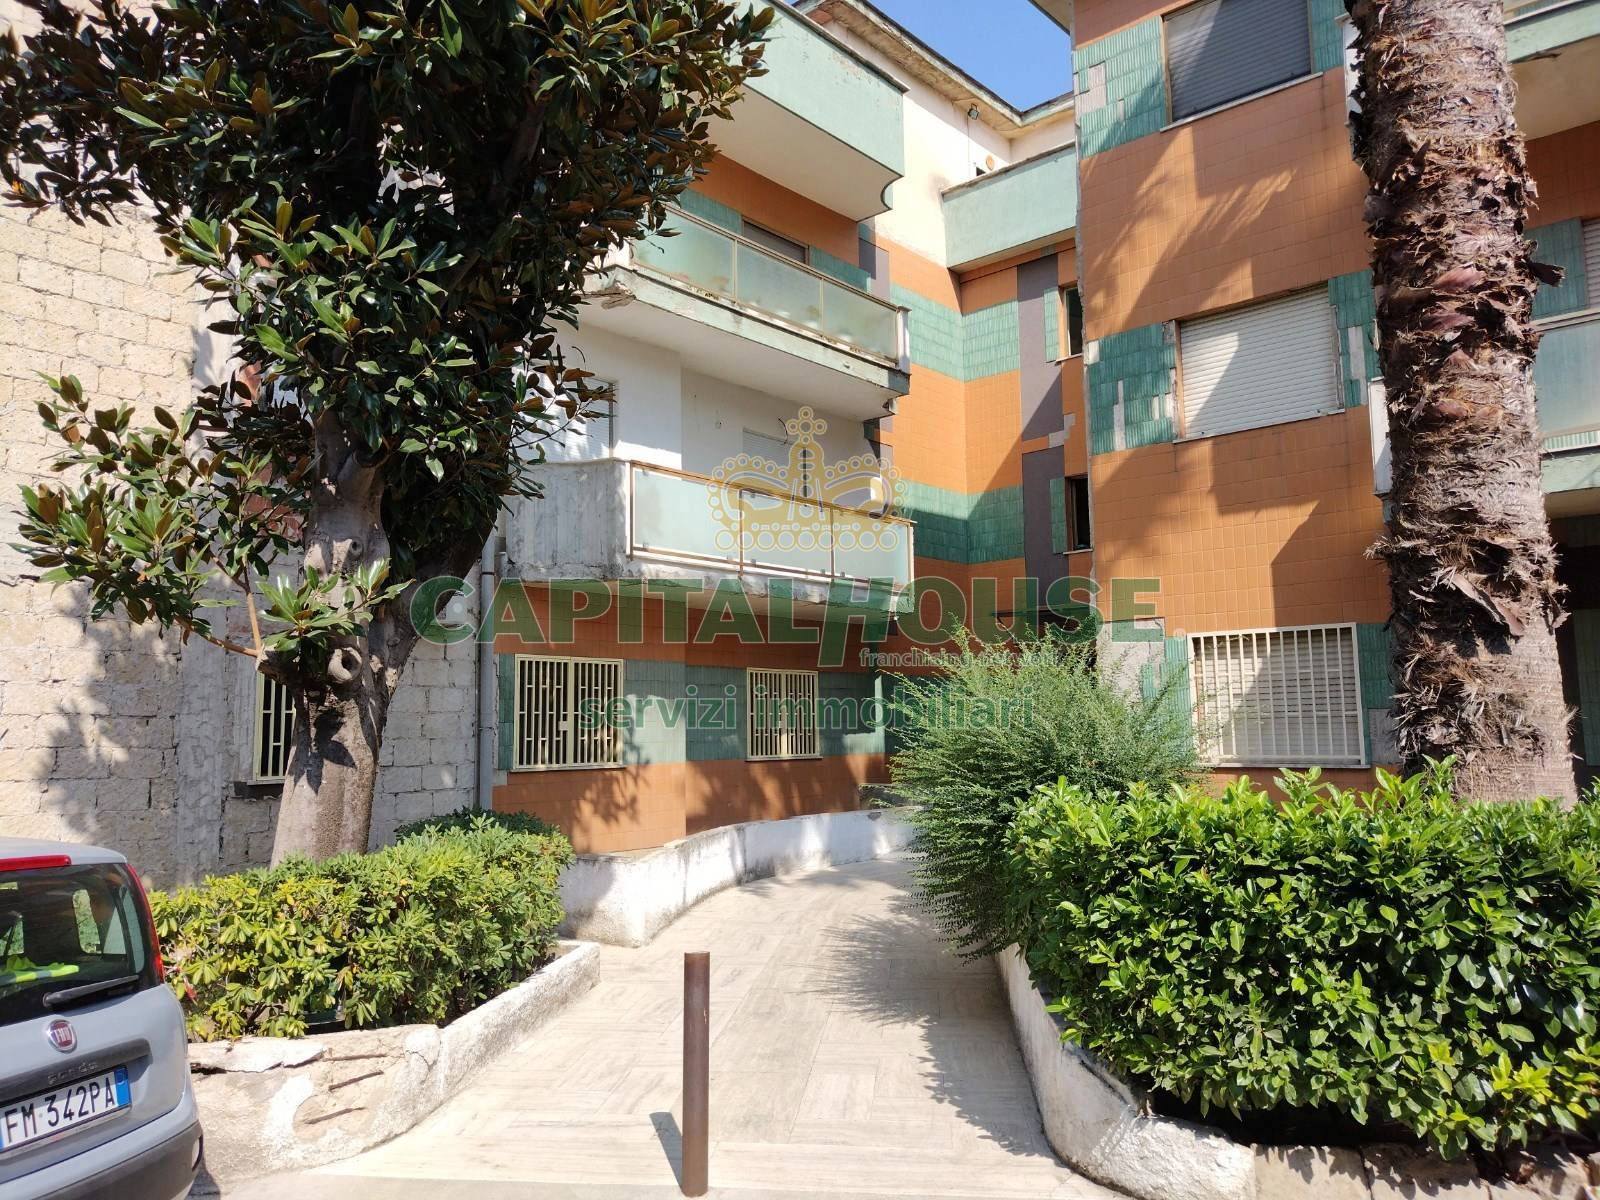 Appartamento in vendita a Nola, 4 locali, prezzo € 120.000   CambioCasa.it